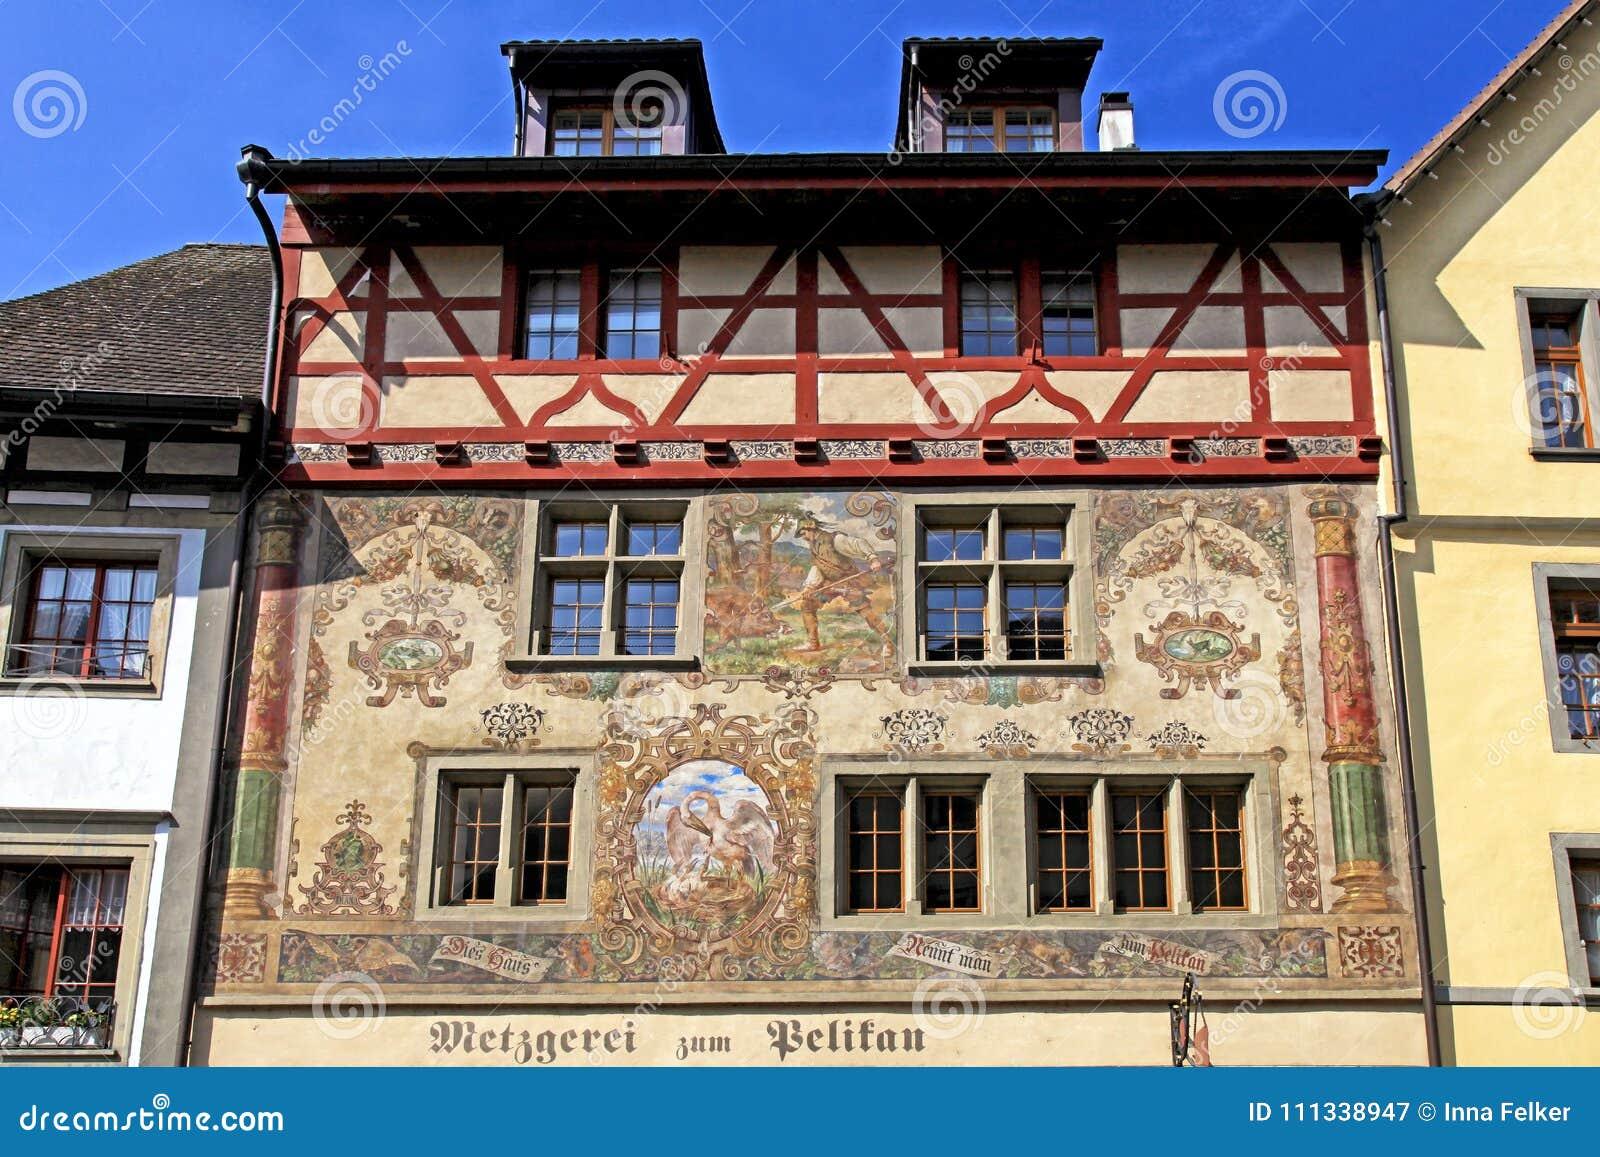 Old beautiful fresco on medieval building in Stein am Rhein, Switzerland